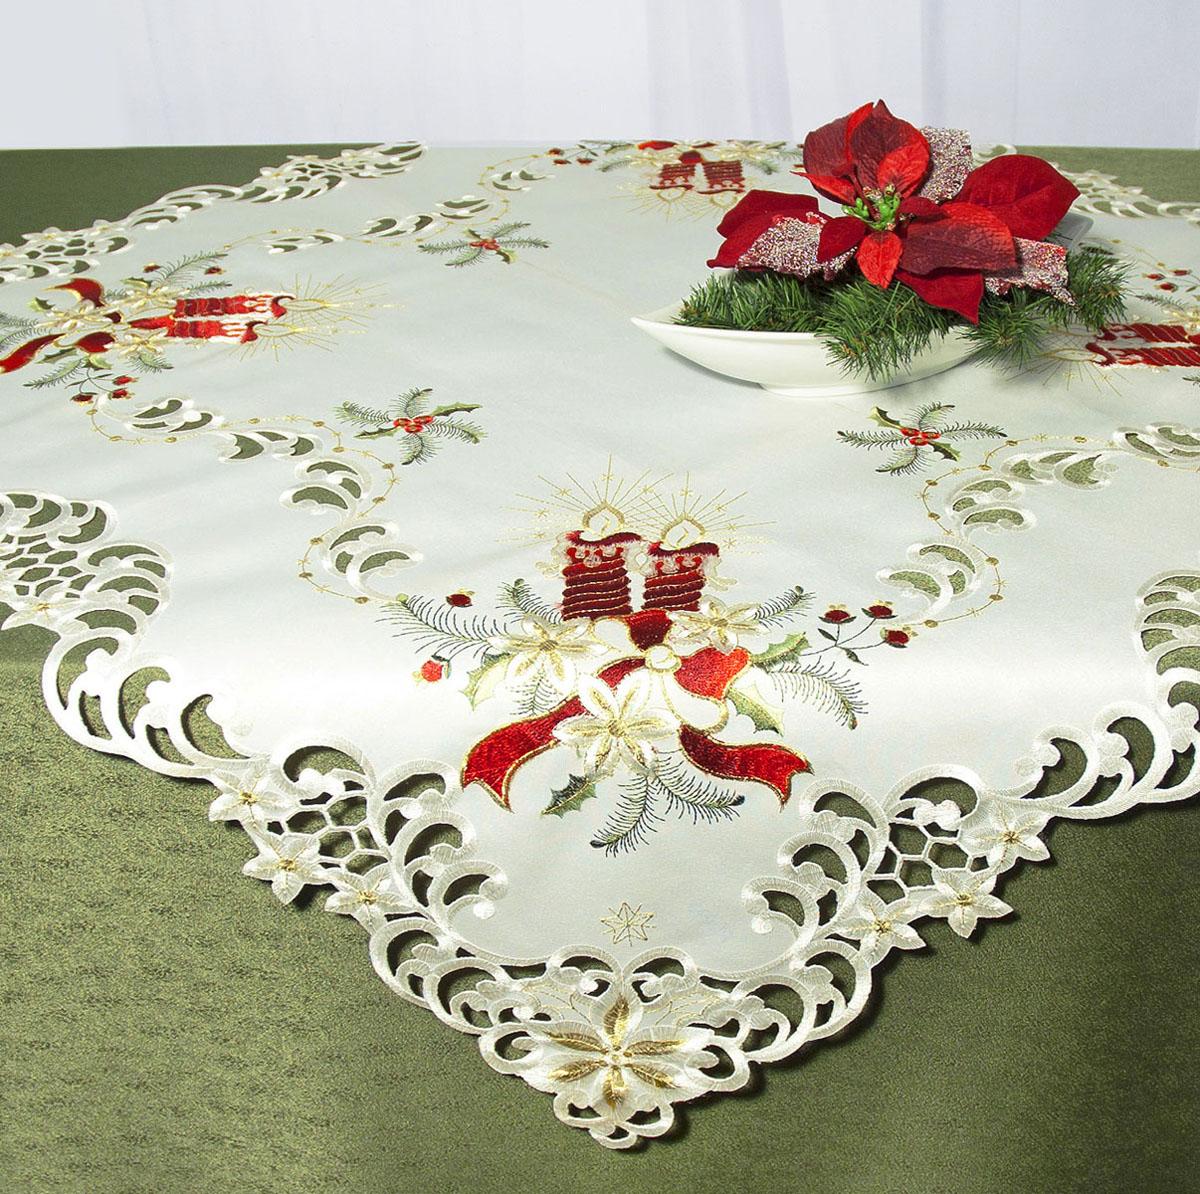 Скатерть Schaefer, квадратная, цвет: белый, красный, 85 x 85 см. 07483-10007483-100Скатерть Schaefer изготовлена из высококачественного полиэстера и украшена новогодней вышивкой. Края изделия оформлены вышивкой в технике ришелье. Изделия из полиэстера легко стирать: они не мнутся, не садятся и быстро сохнут, они более долговечны, чем изделия из натуральных волокон. Кроме того, ткань обладает водоотталкивающими свойствами. Такая скатерть будет просто не заменима на кухне, а особенно на вашем обеденном столе на даче под открытым небом. Скатерть Schaefer не останется без внимания ваших гостей, а вас будет ежедневно радовать ярким дизайном и несравненным качеством. Немецкая компания Schaefer создана в 1921 году. На протяжении всего времени существования она создает уникальные коллекции домашнего текстиля для гостиных, спален, кухонь и ванных комнат. Дизайнерские идеи немецких художников компании Schaefer воплощаются в текстильных изделиях, которые сделают ваш дом красивее и уютнее и не останутся незамеченными вашими гостями. Дарите себе...